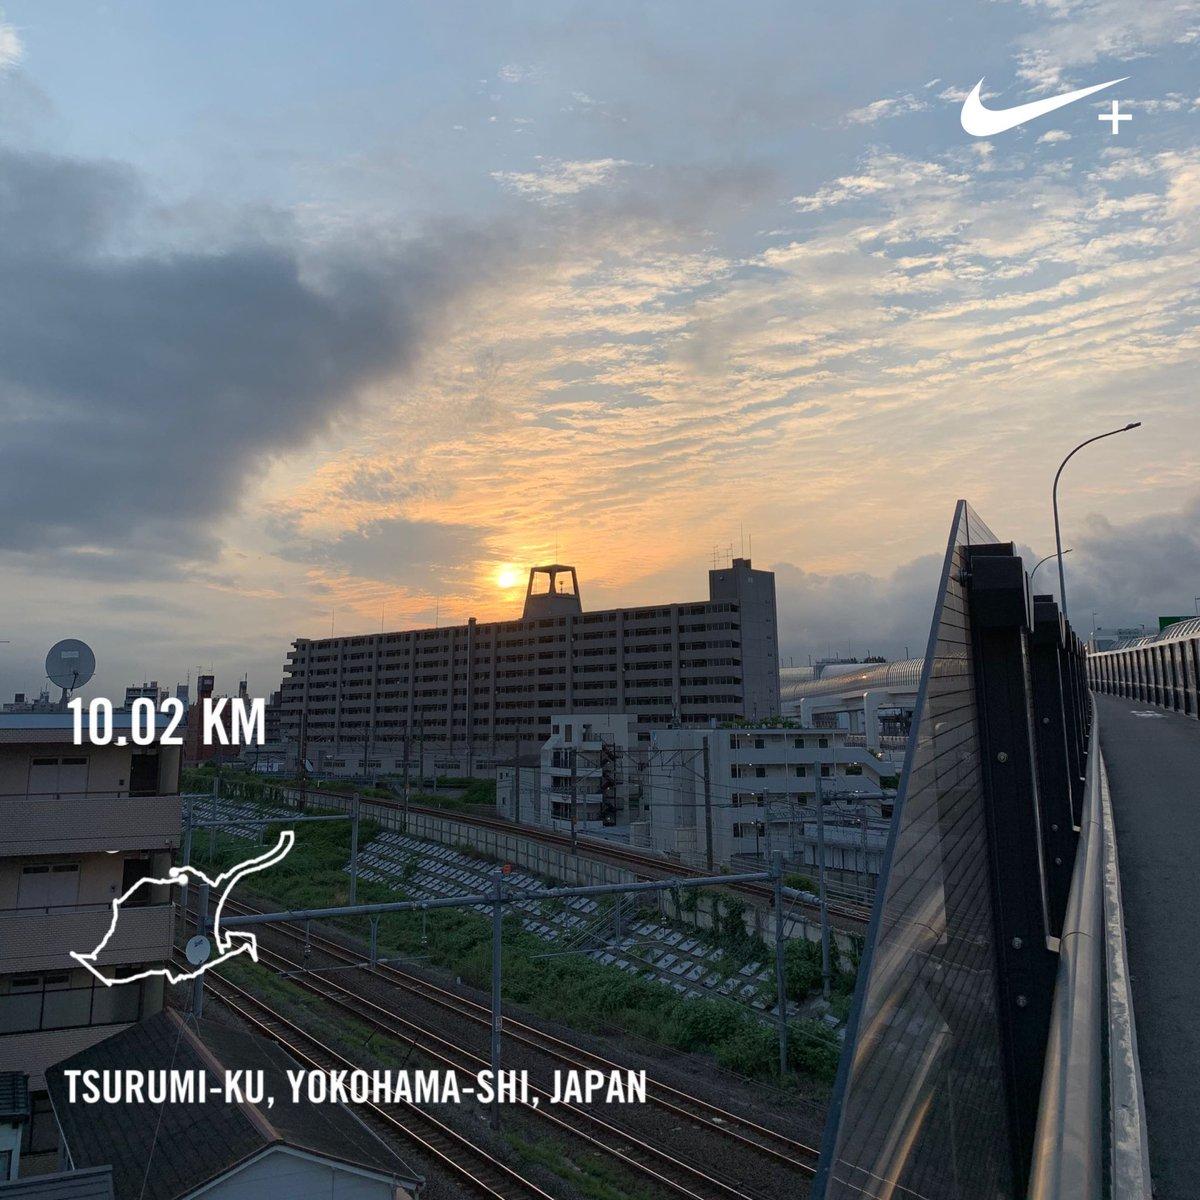 Tuesday morning run  #nikerunclub #run #running #nikeplus #tsurumi #yokohama #japan #morning #morningrun # #sunrisepic.twitter.com/JG5qG9GeO7